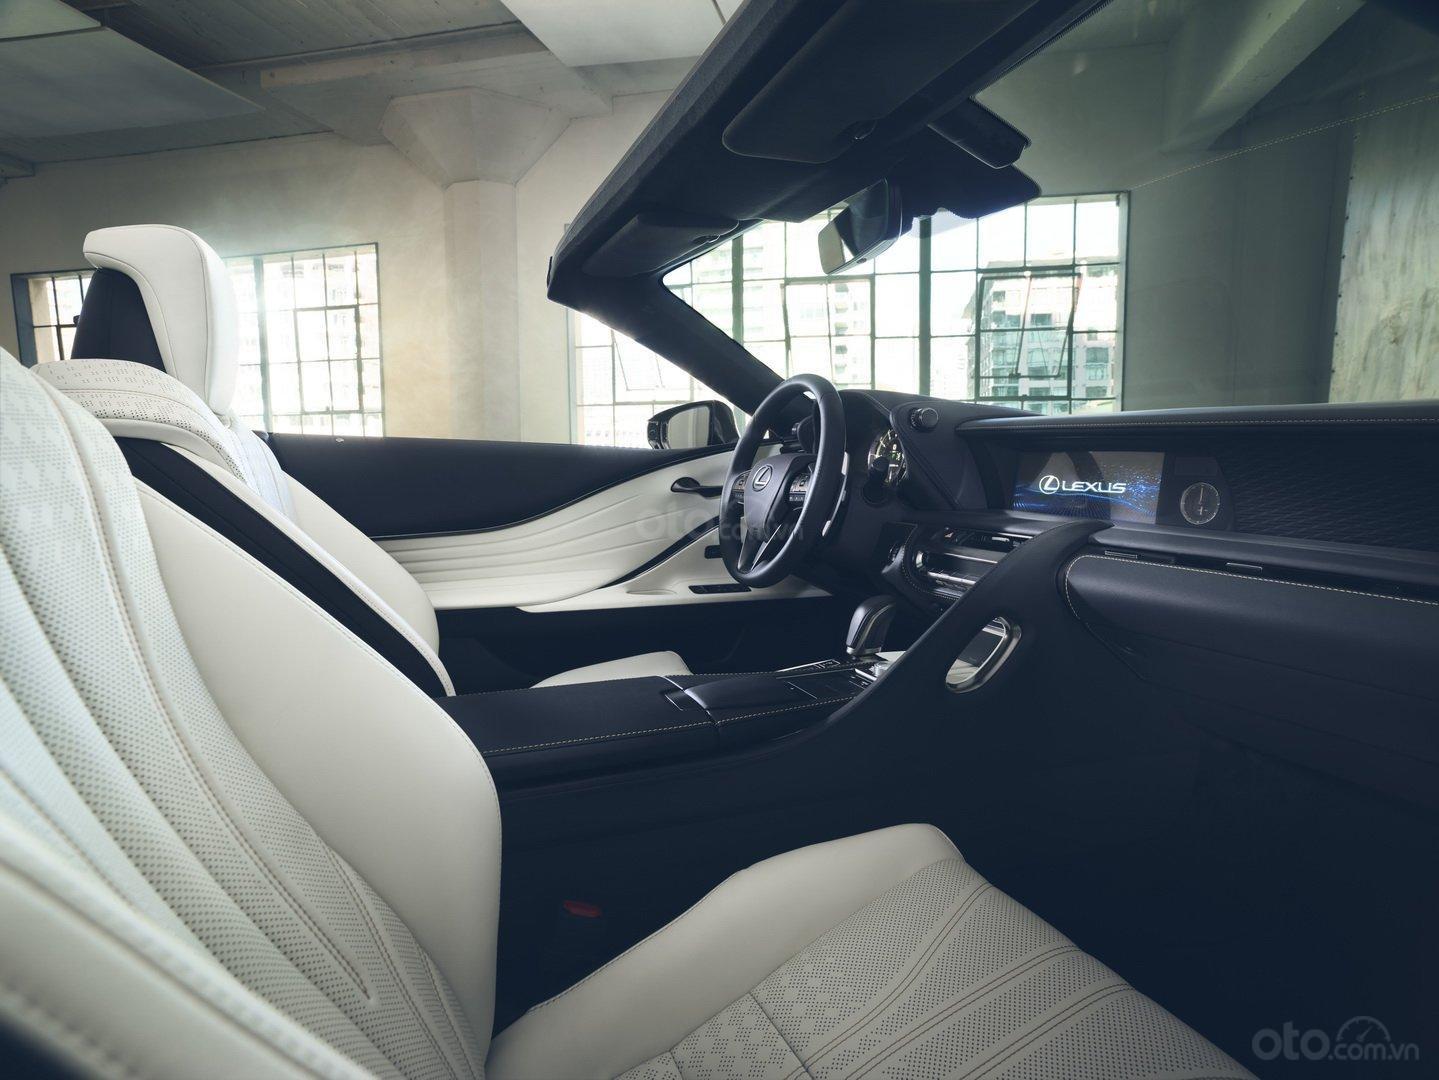 Lexus LC 2020 Convertible giữ bí mật về giá